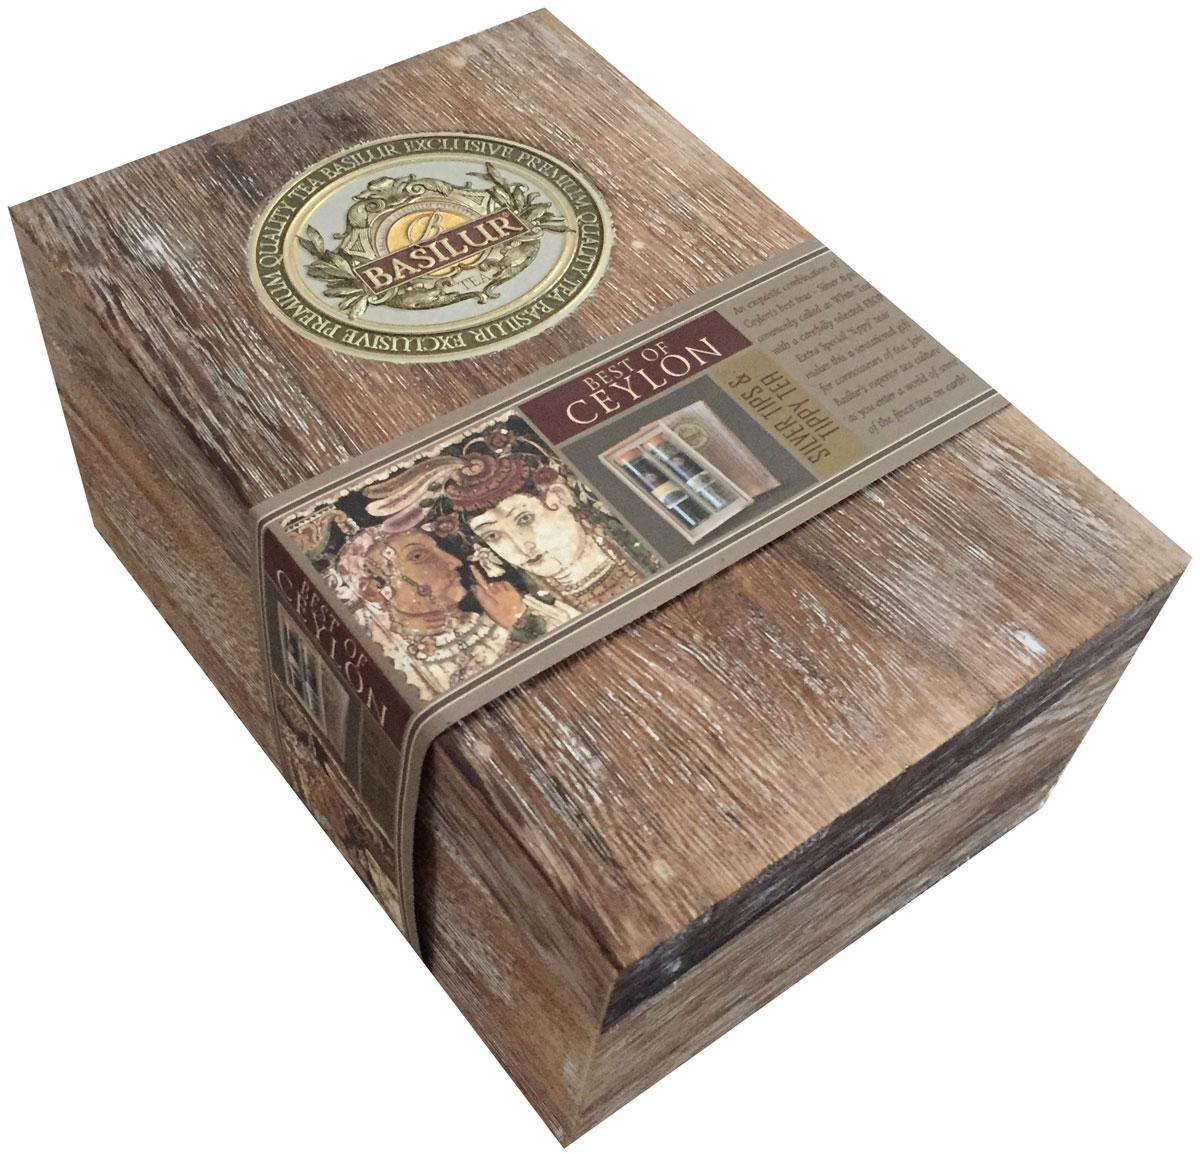 Basilur Павлония белый и черный чай подарочная шкатулка, 100 г чай basilur basilur чайная шкатулка павлония